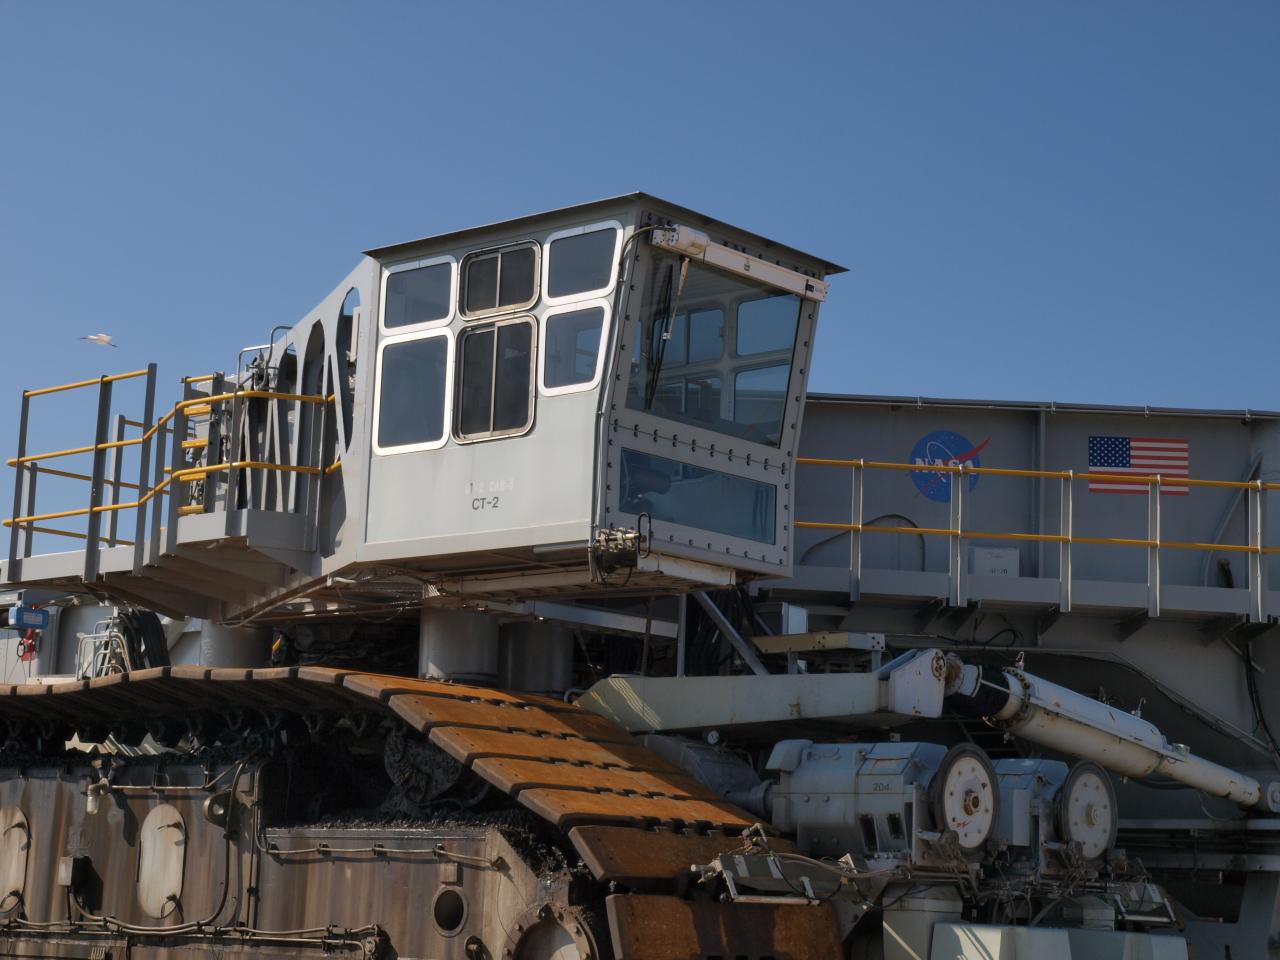 KSC 2010